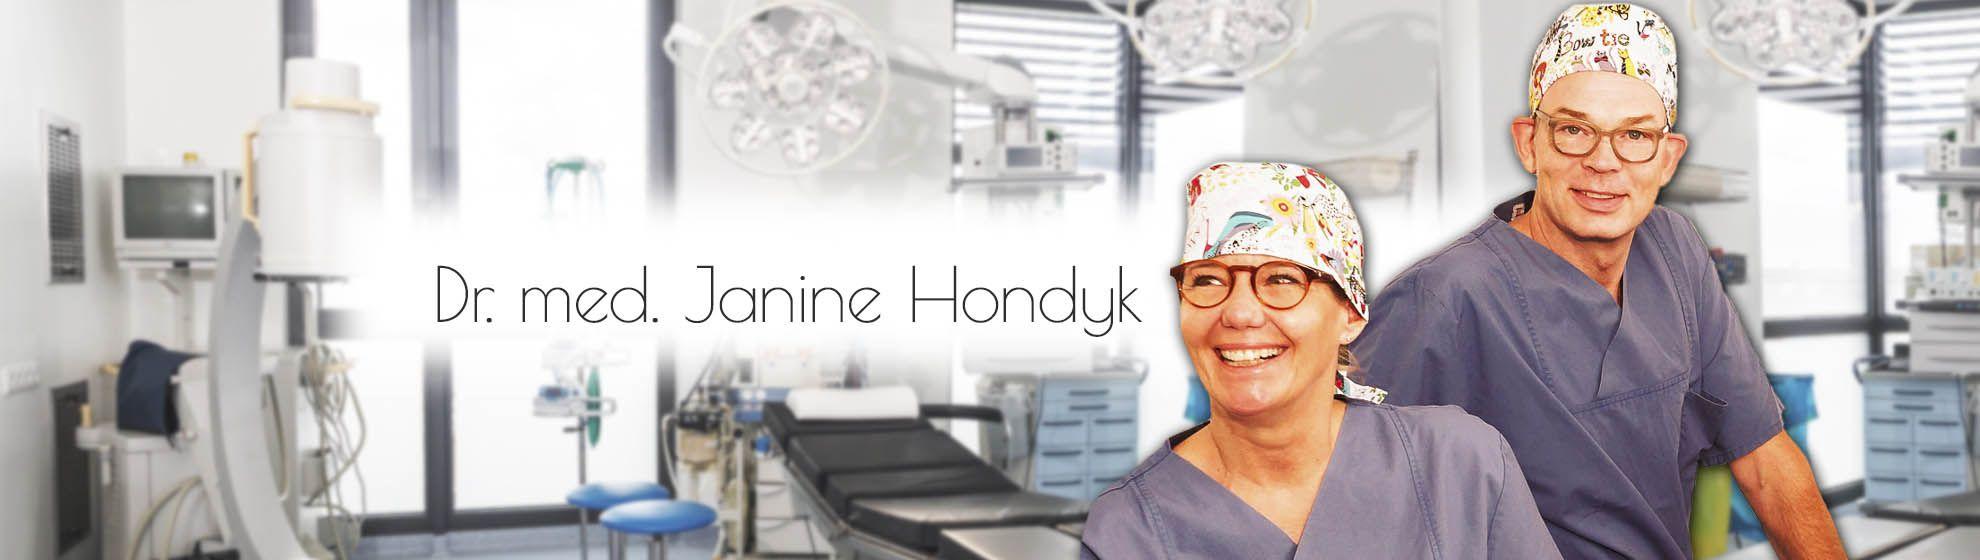 Dr. med. Janine Hondyk